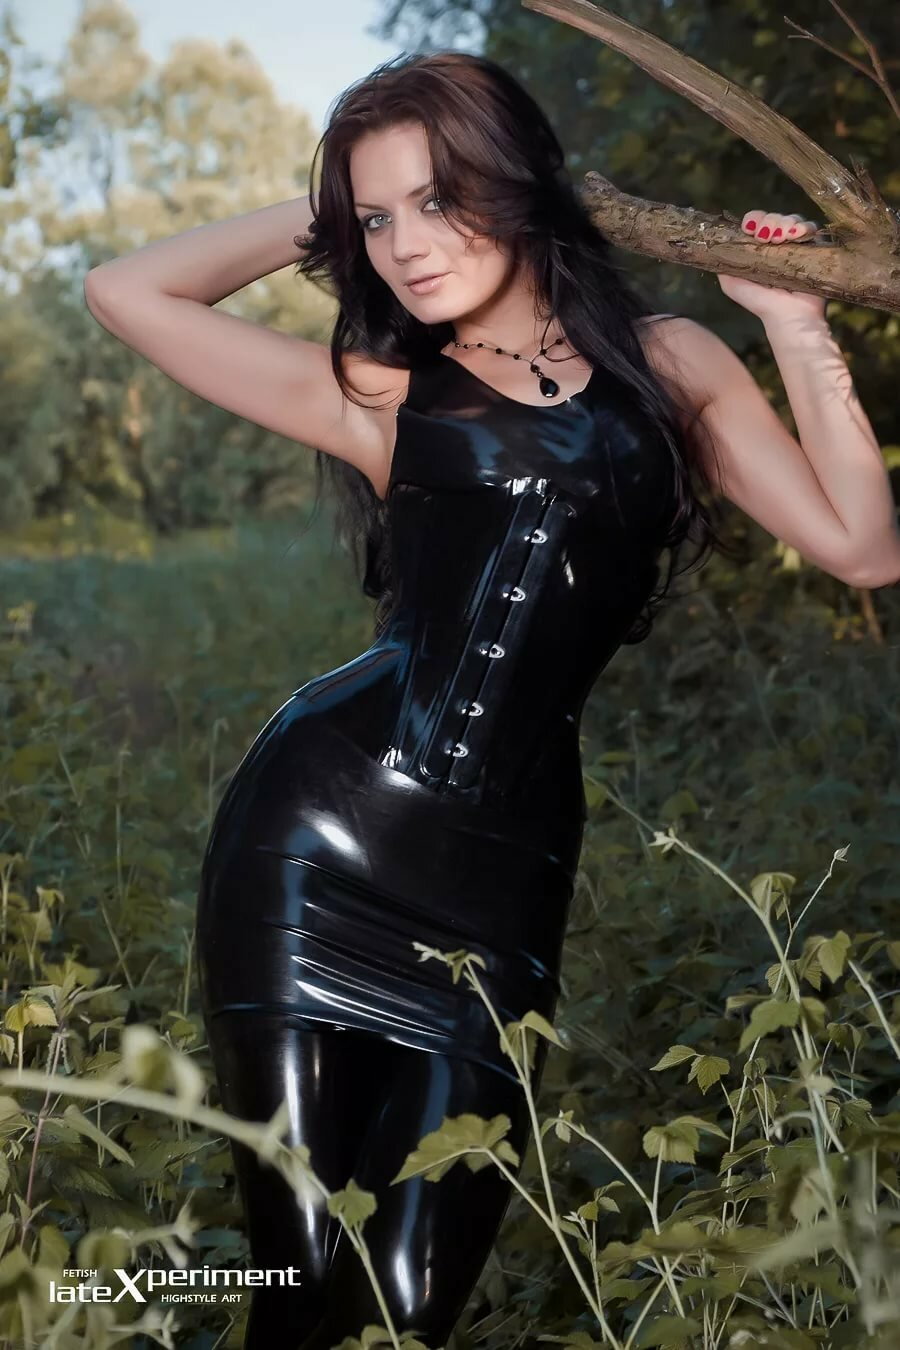 платье кокетливые, валери трамелл фото вид